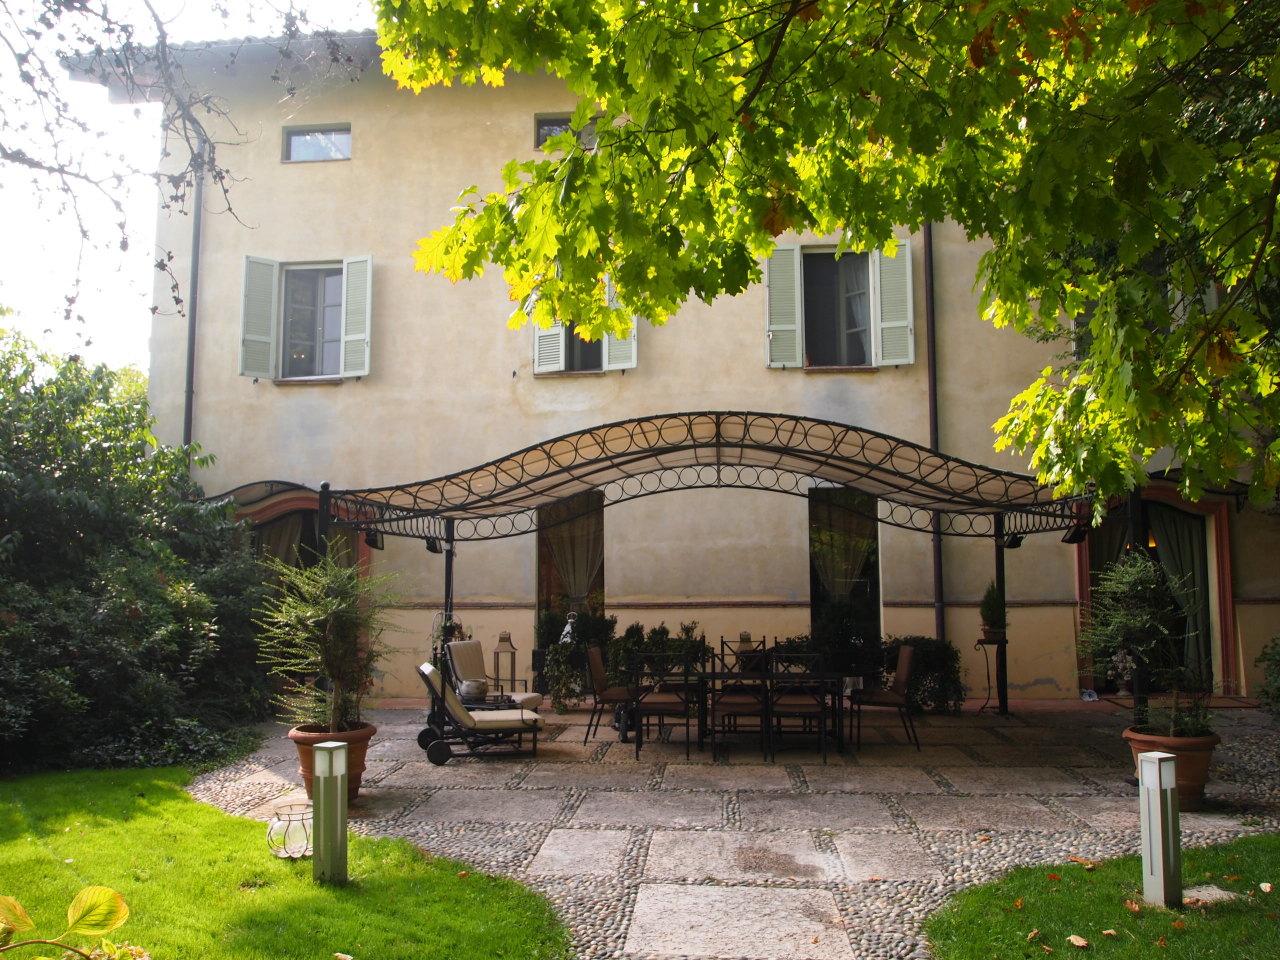 Semindipendente - Porzione di casa a Vigheffio, Parma